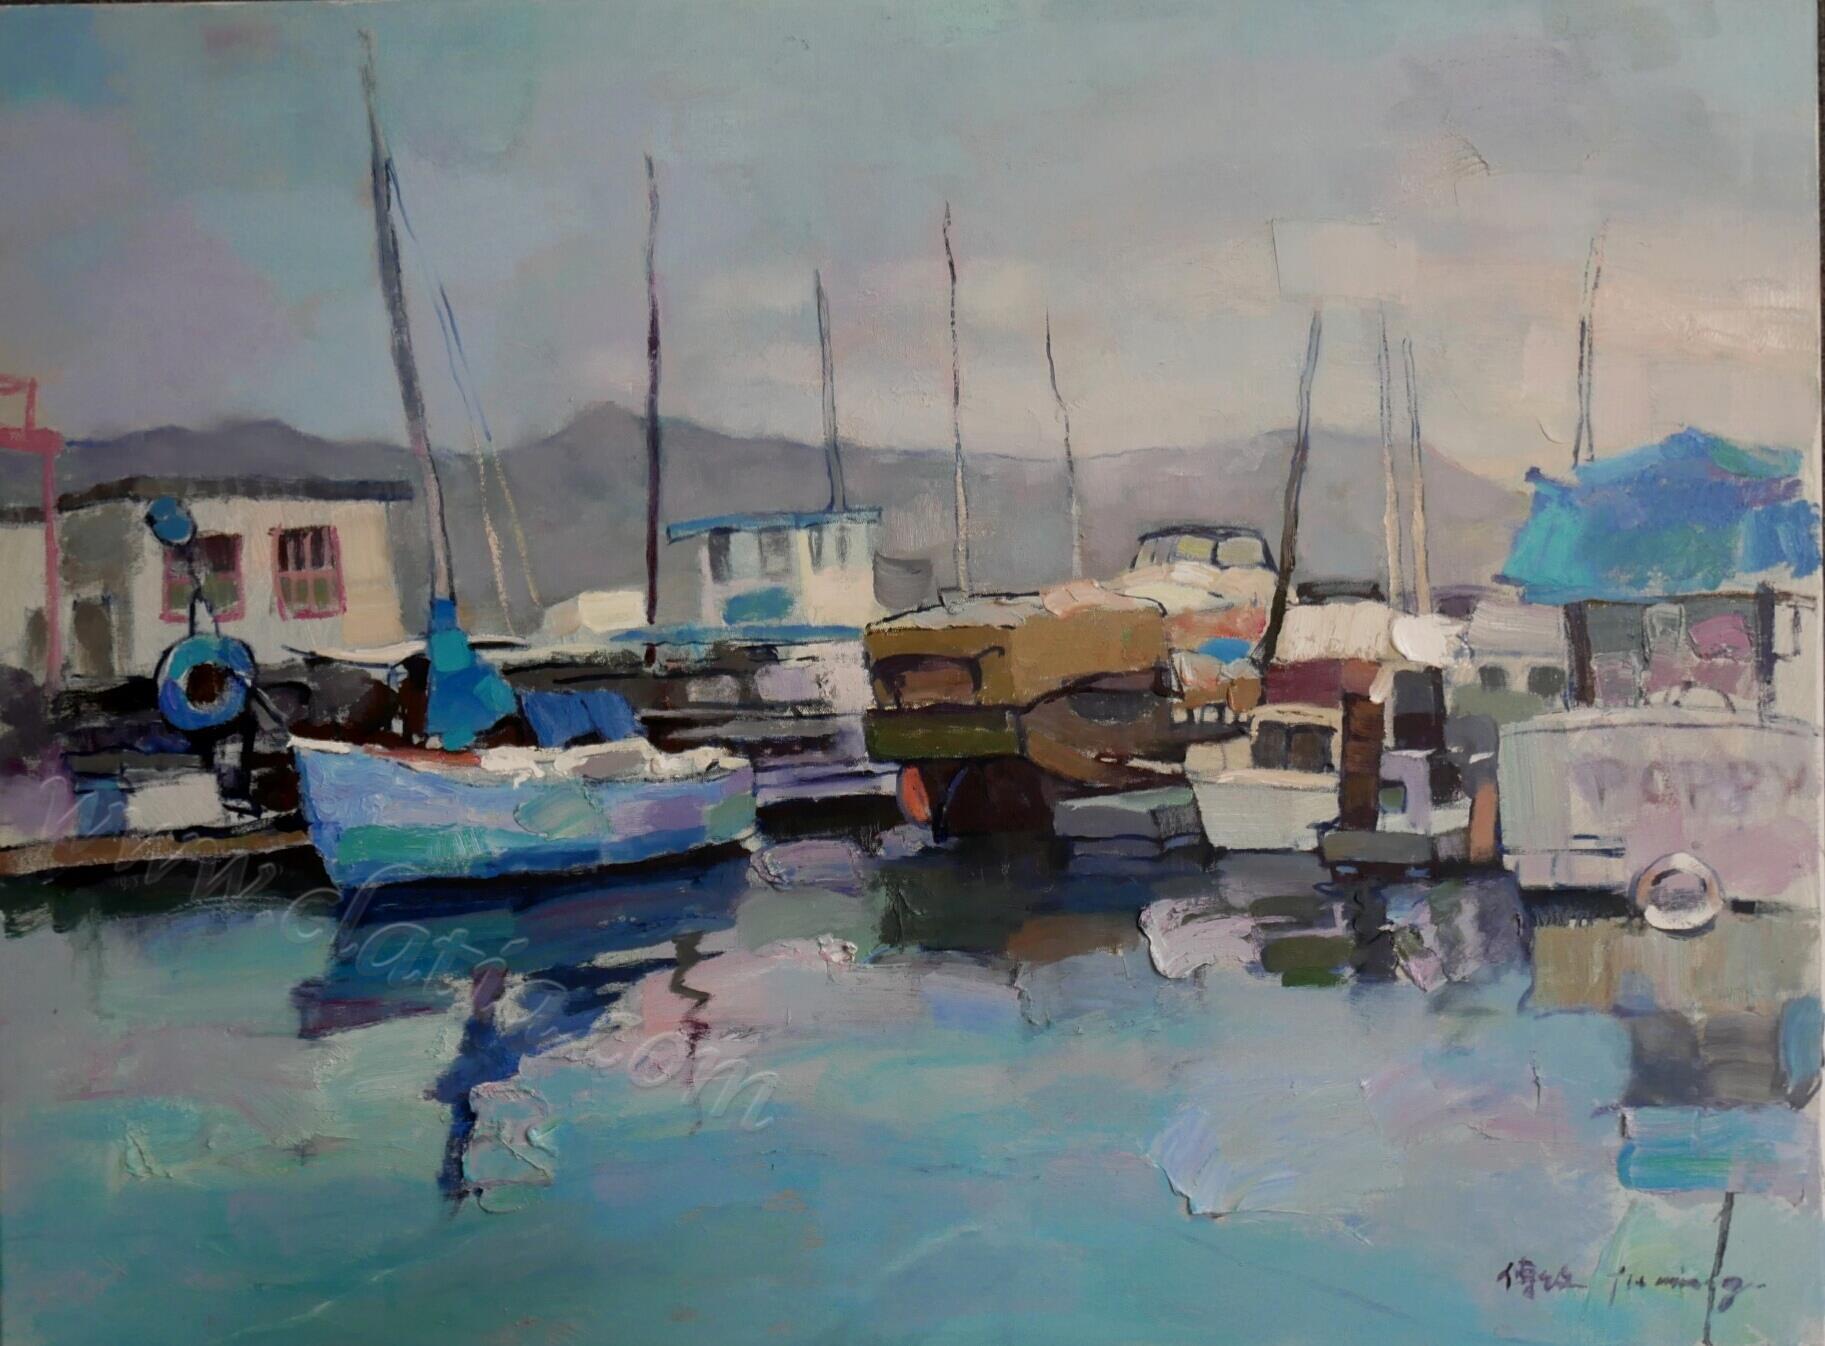 《旧金山萨沙雷通码头》布面油画